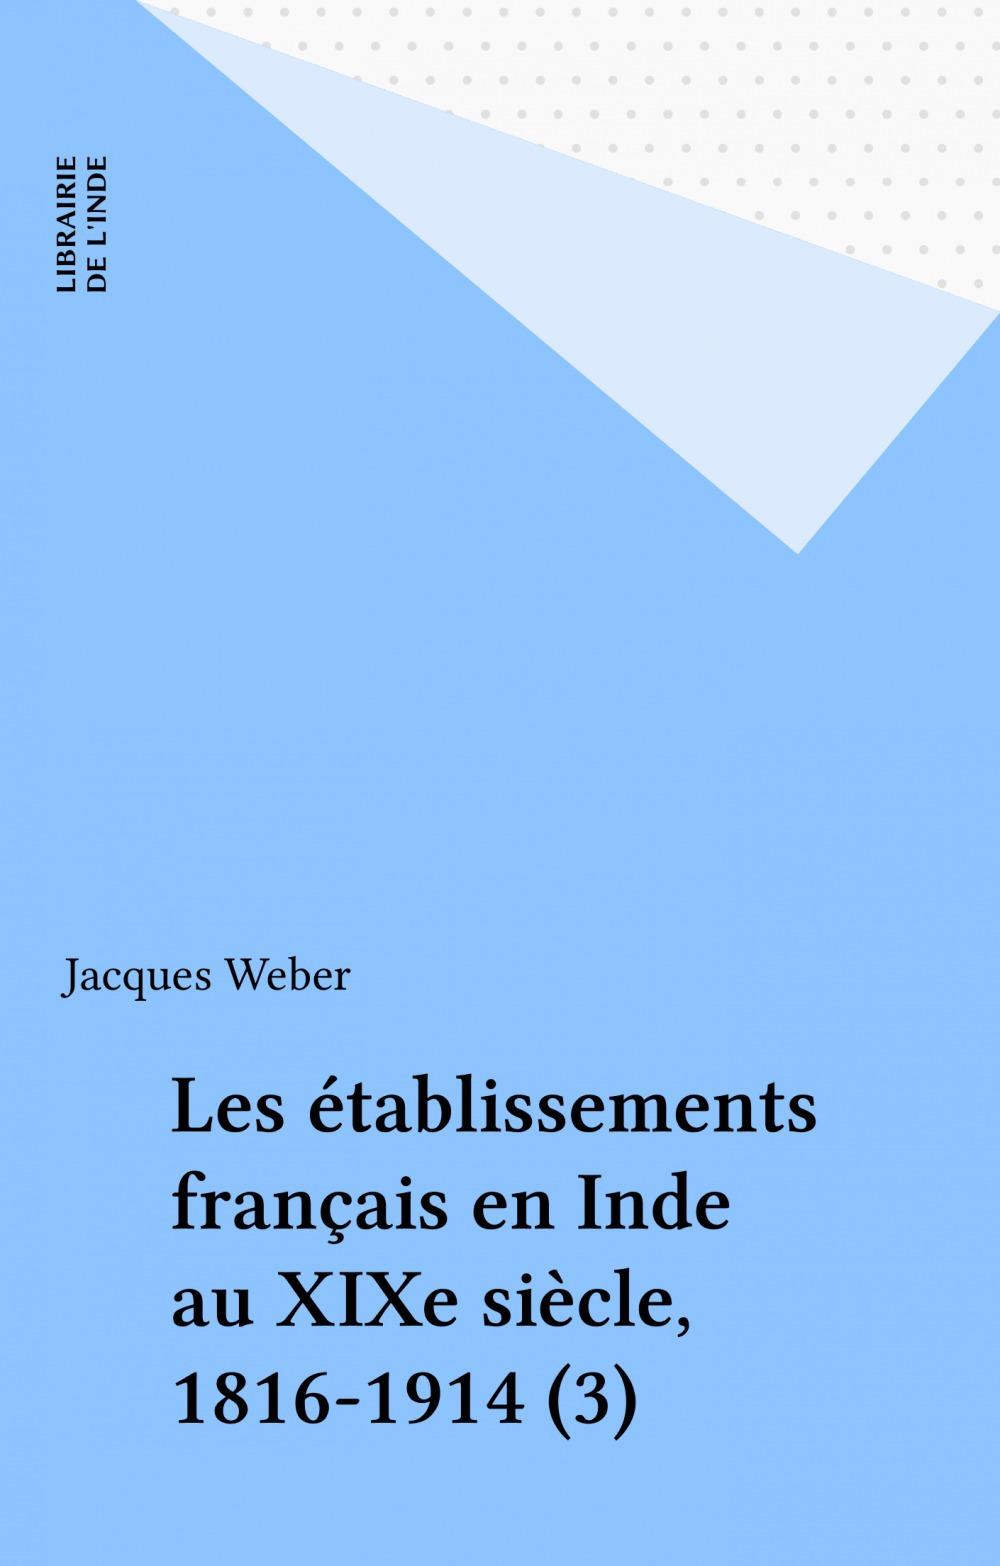 Les établissements français en Inde au XIXe siècle, 1816-1914 (3)